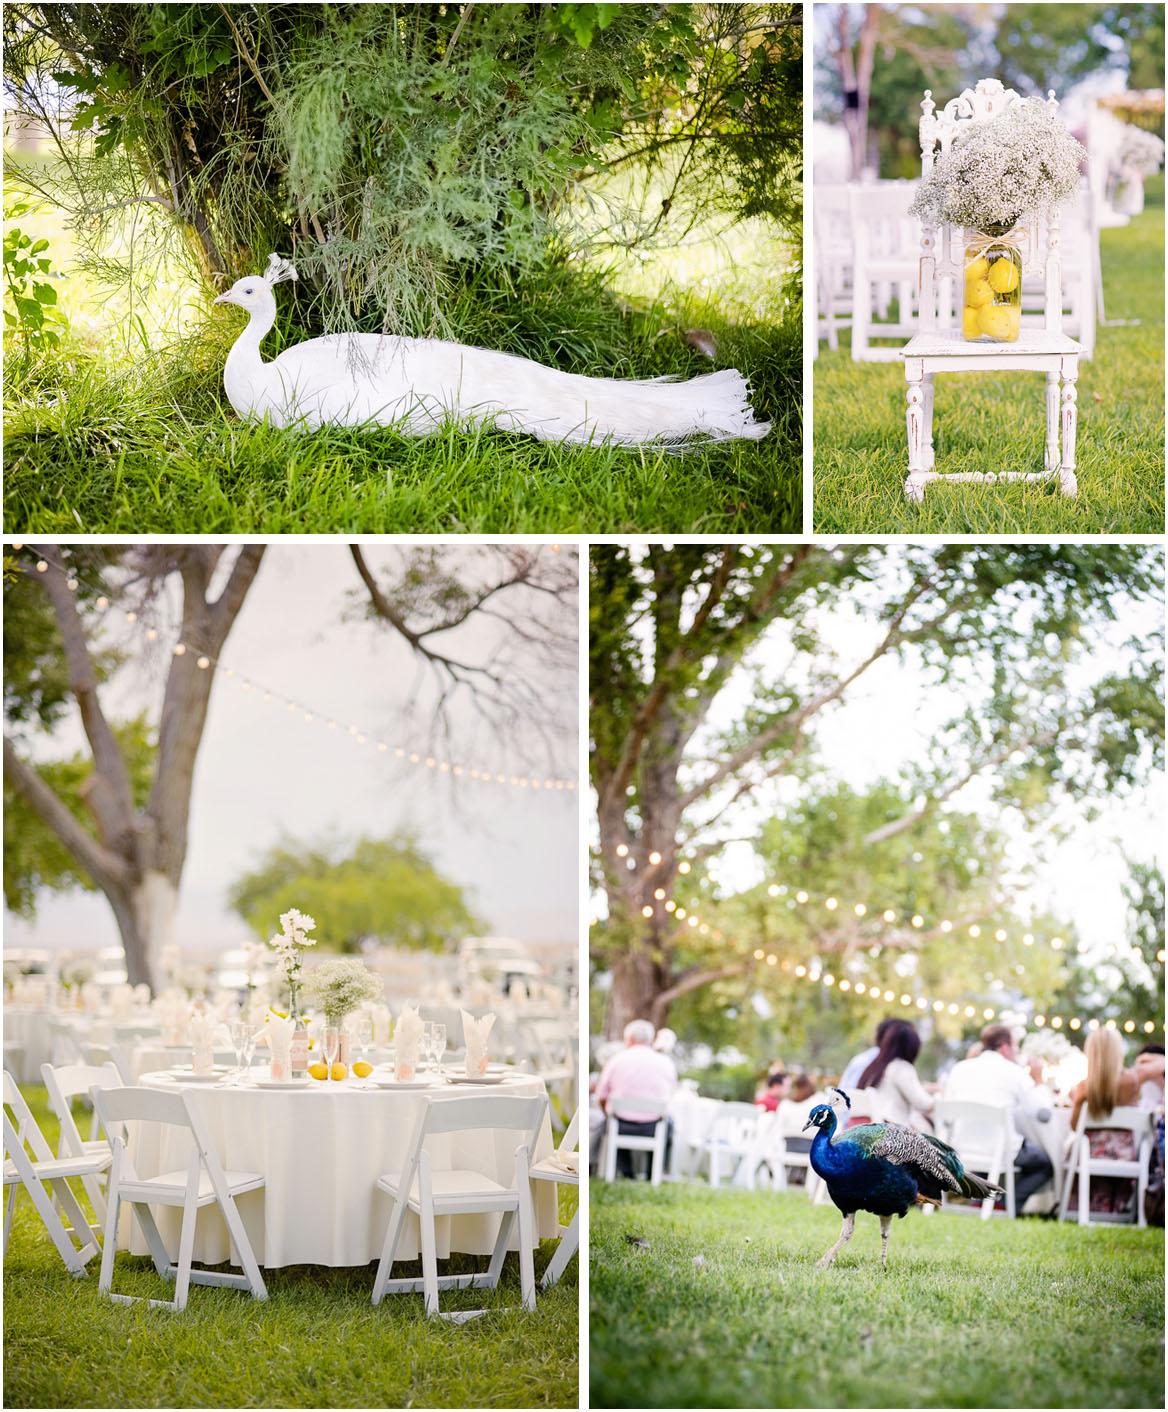 See More Rustic Weddings